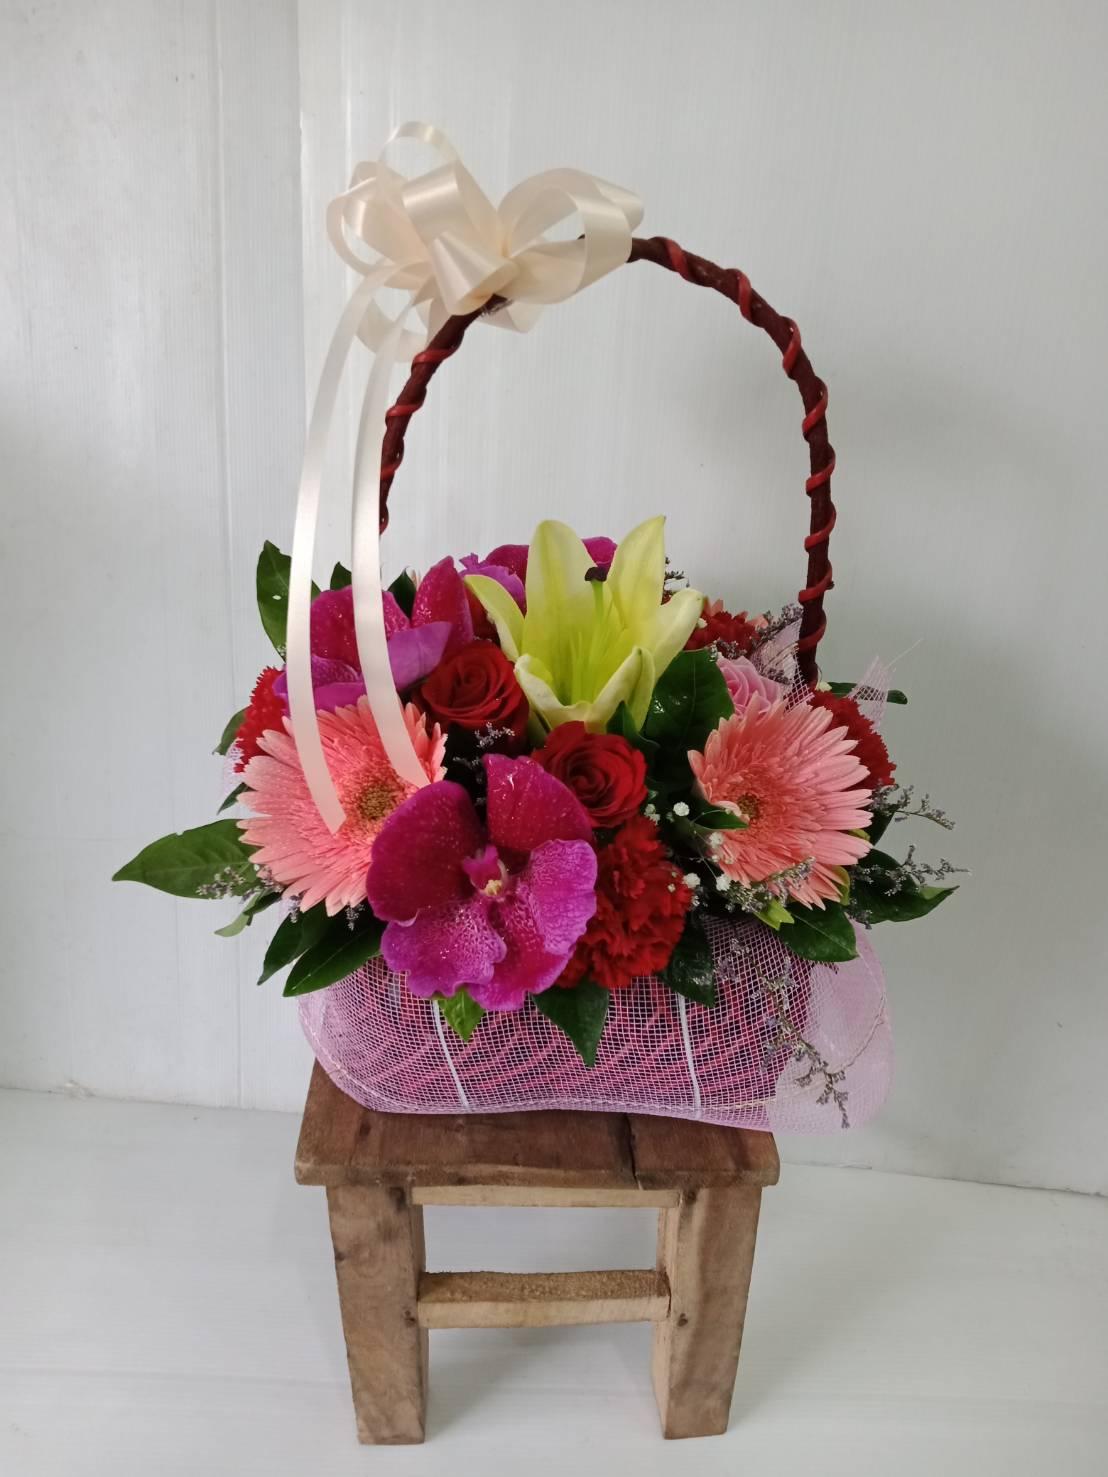 กระเช้าดอกไม้สุดชิิค ประกอบด้วยดอกไม้หลากหลายชนิดในกระเช้าเดียวค่ะ